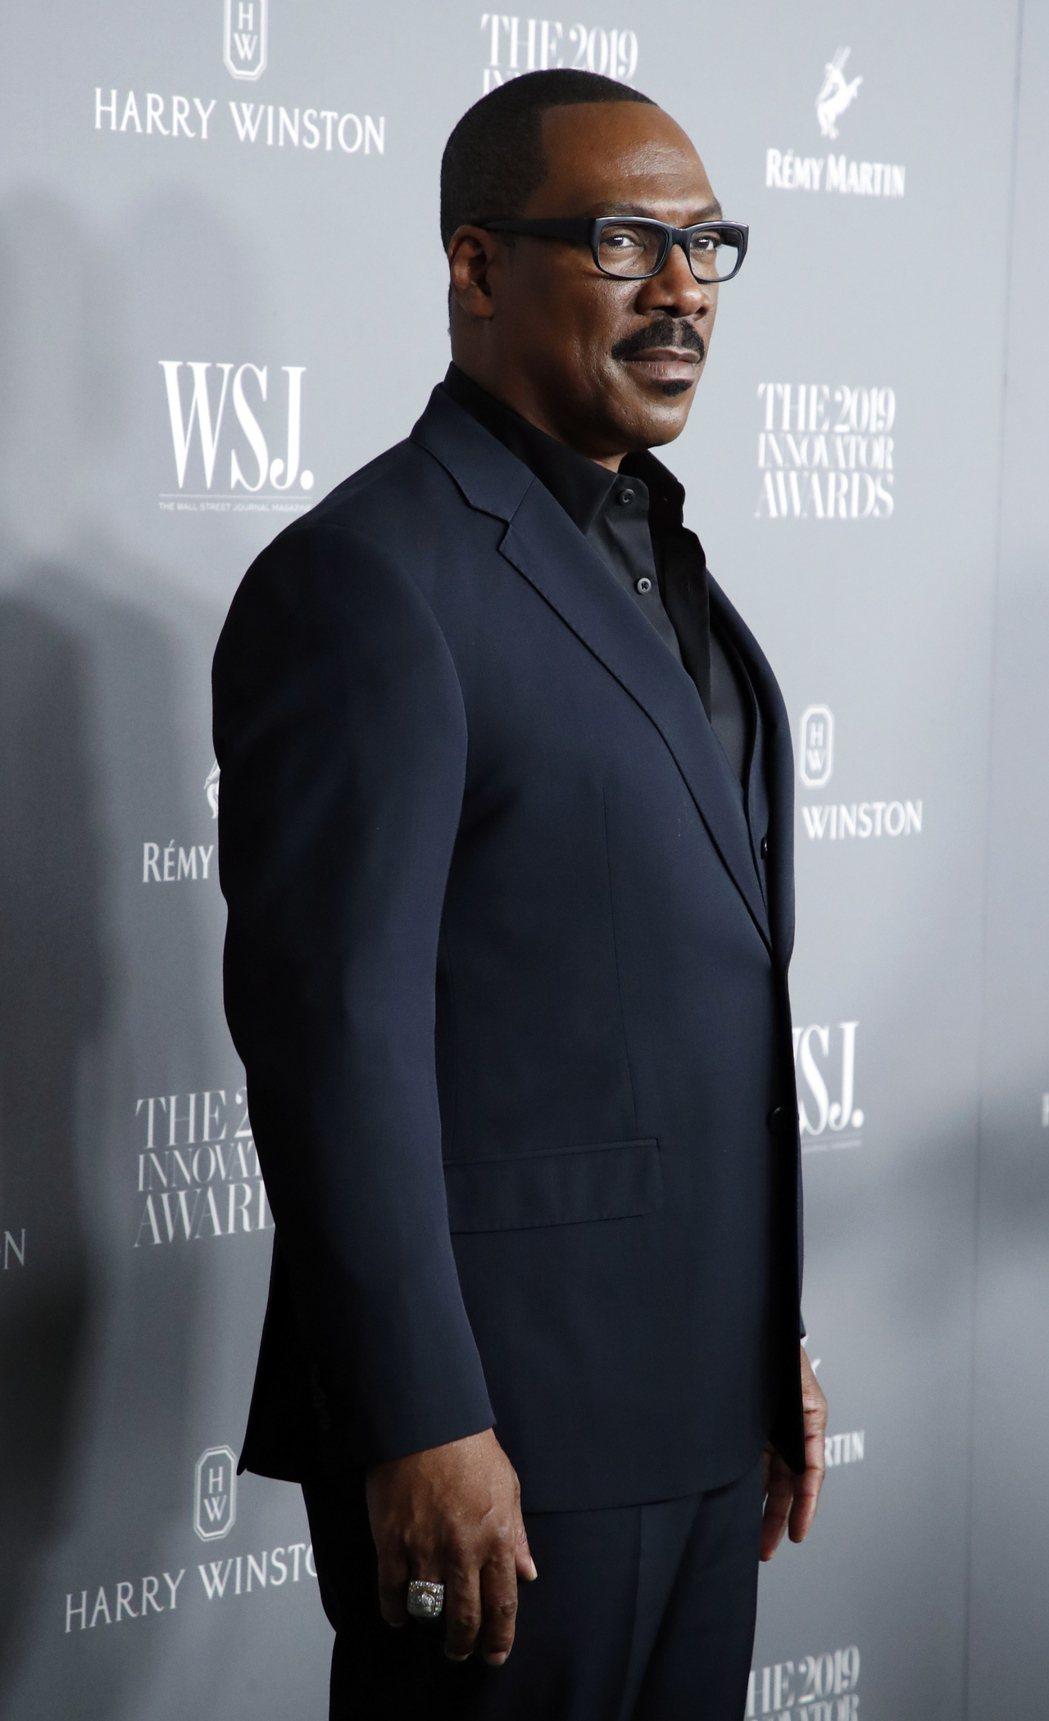 艾迪墨菲被預言可望得到金球獎最佳音樂或喜劇電影男主角。圖/歐新社資料照片